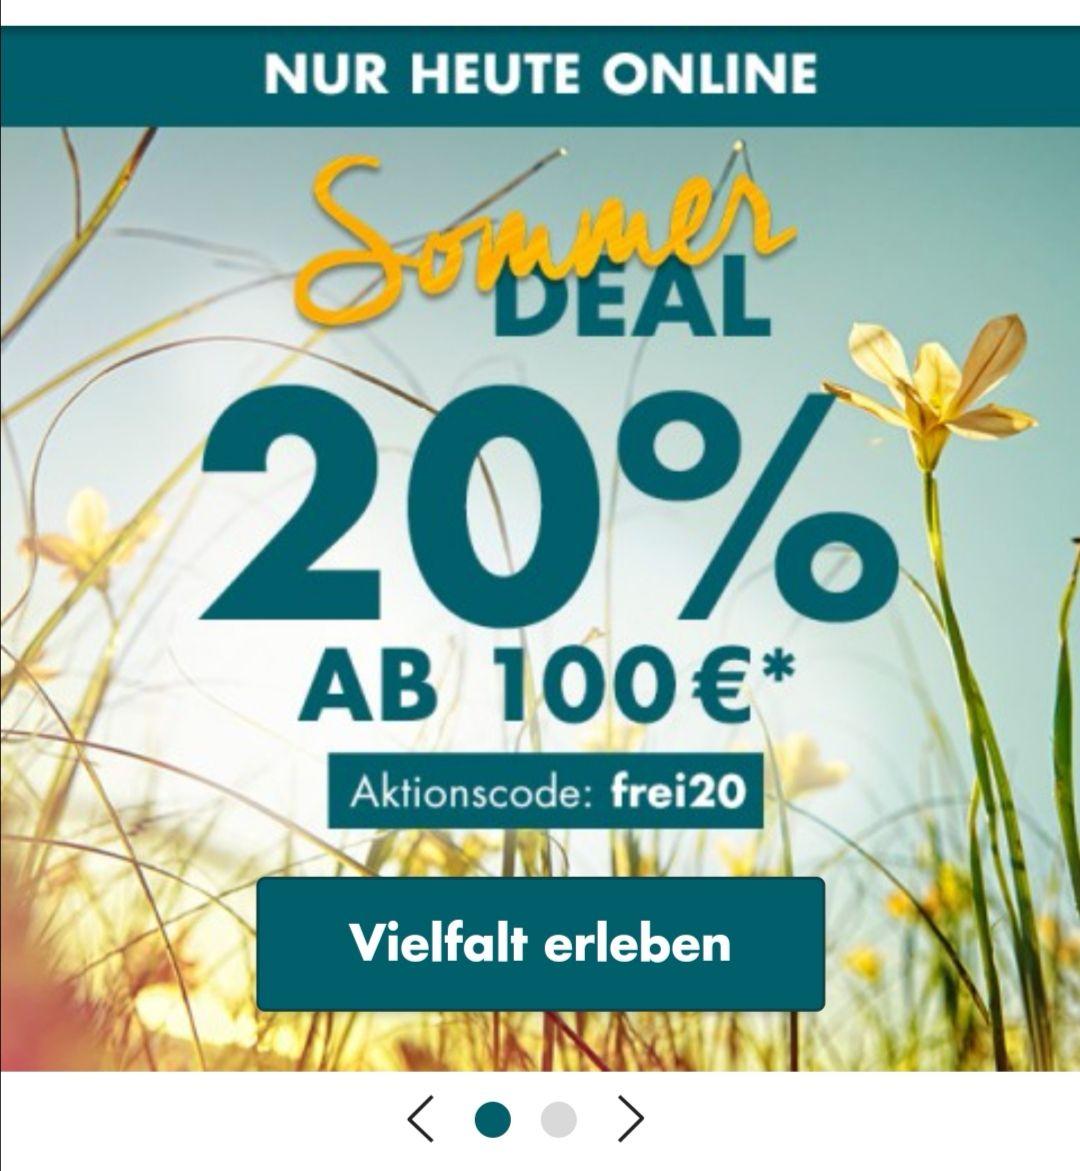 20% ab 100 € MBW bei Karstadt Galeria Kaufhof